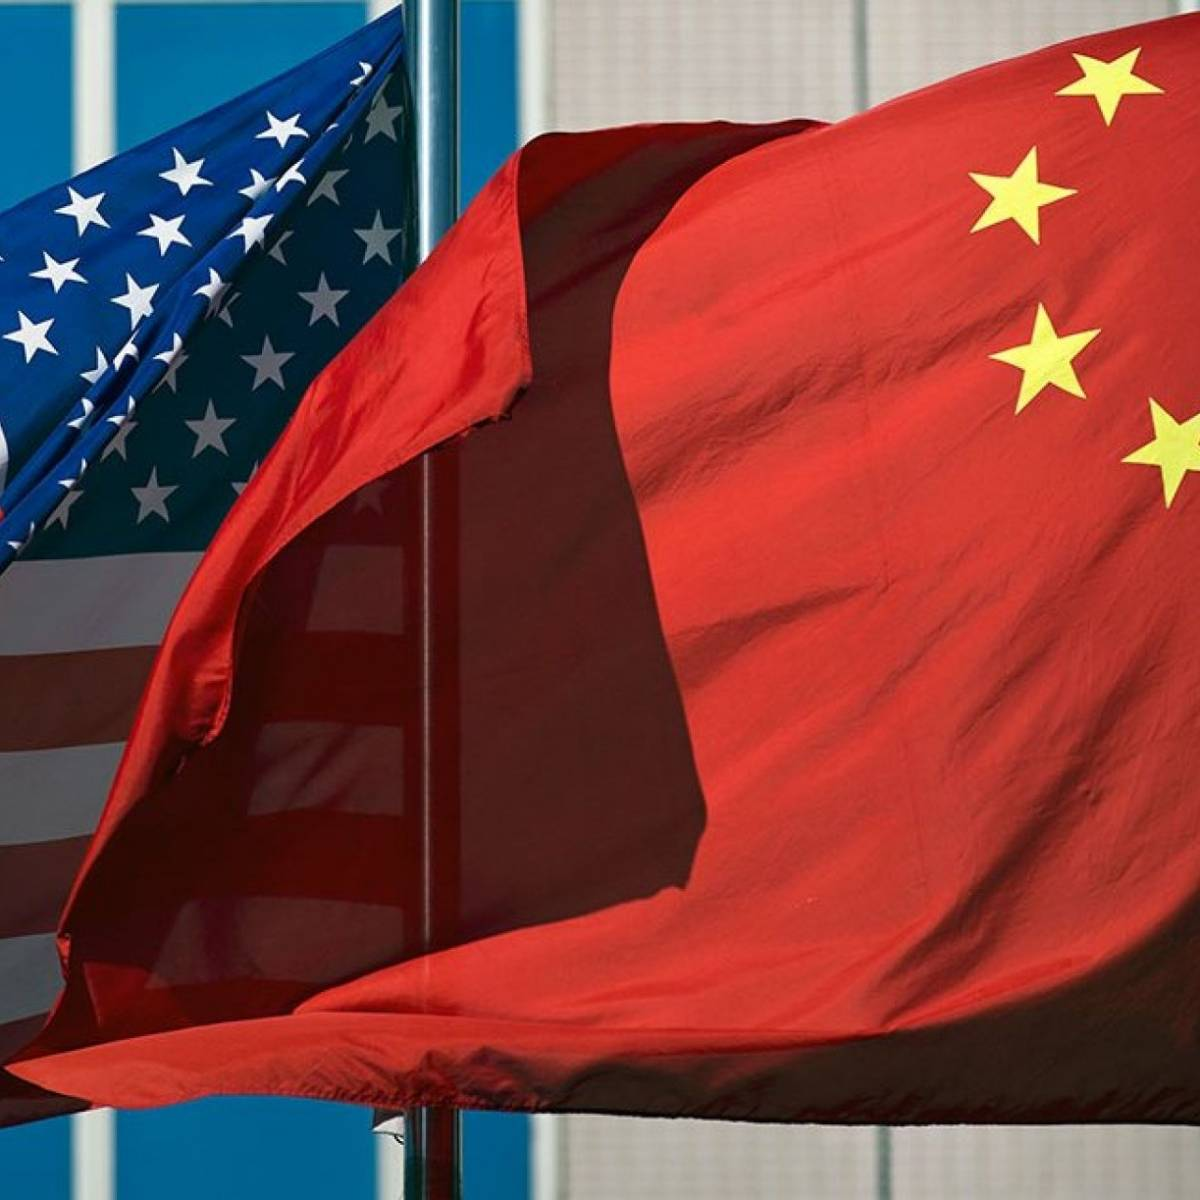 Санкции раздора: как антироссийские меры повлияют на отношения США и КНР